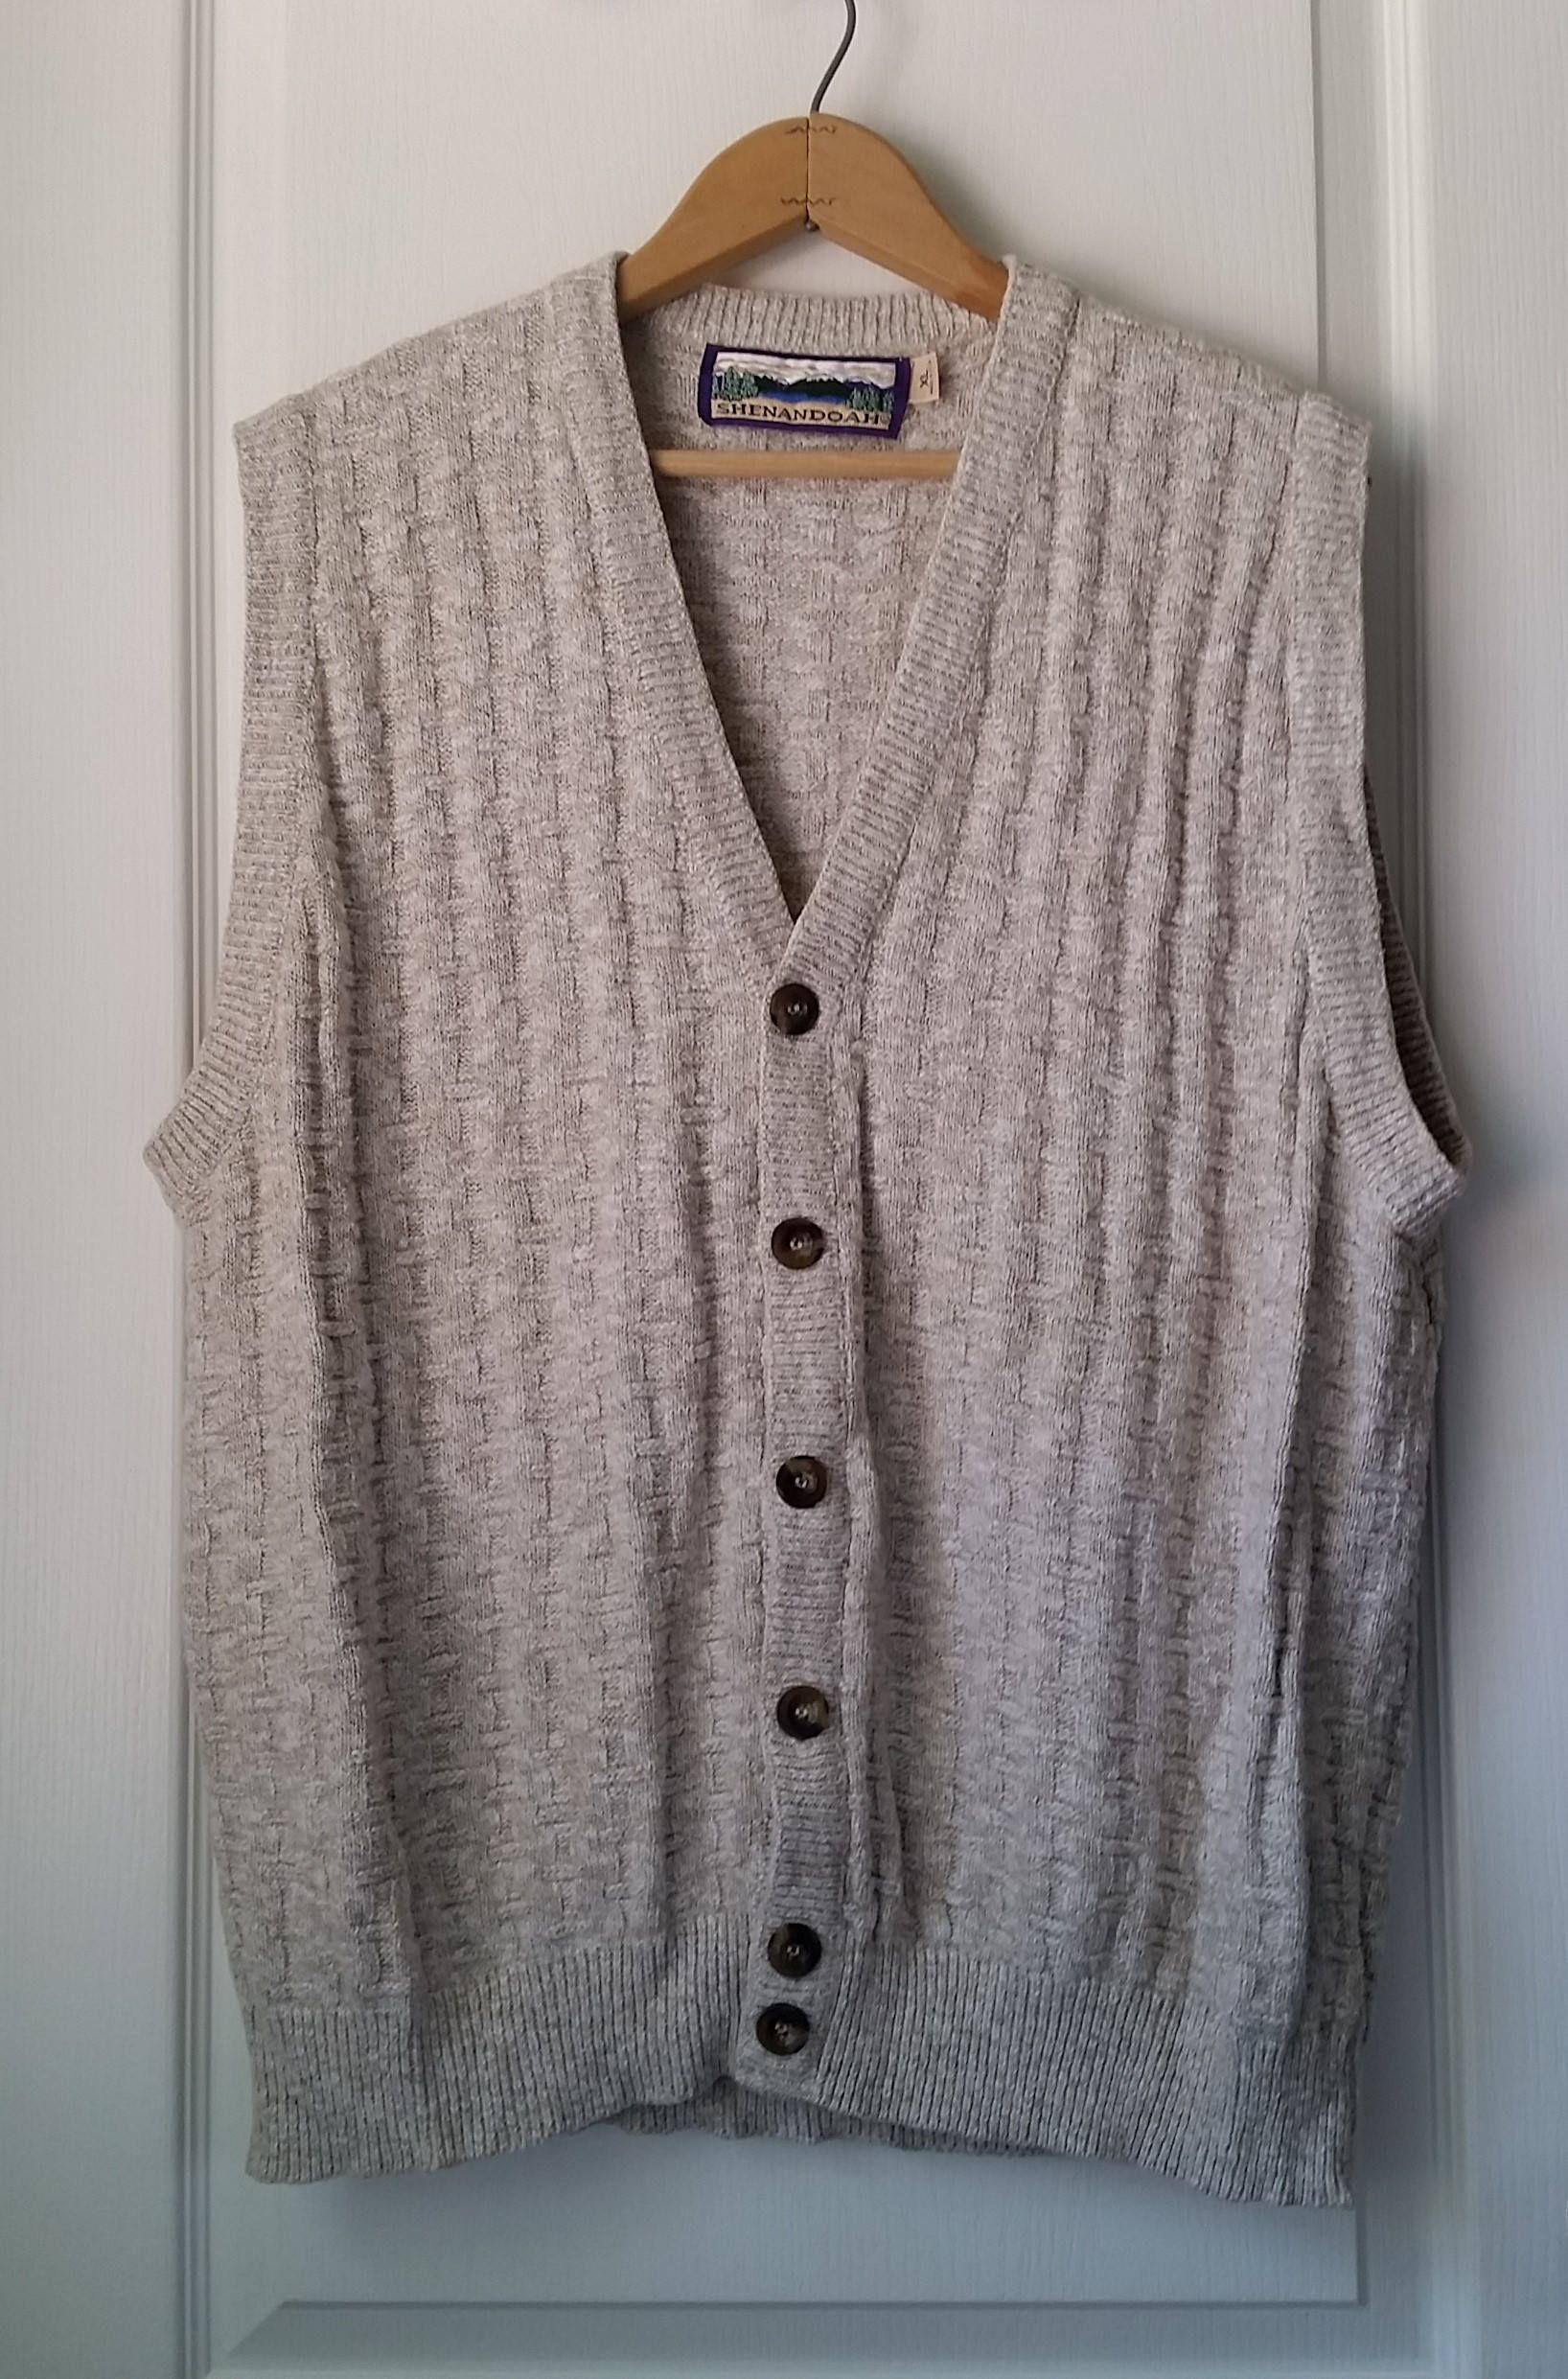 Mens Large Sweater Vest Button Front V Neck Basketweave Knit Vest